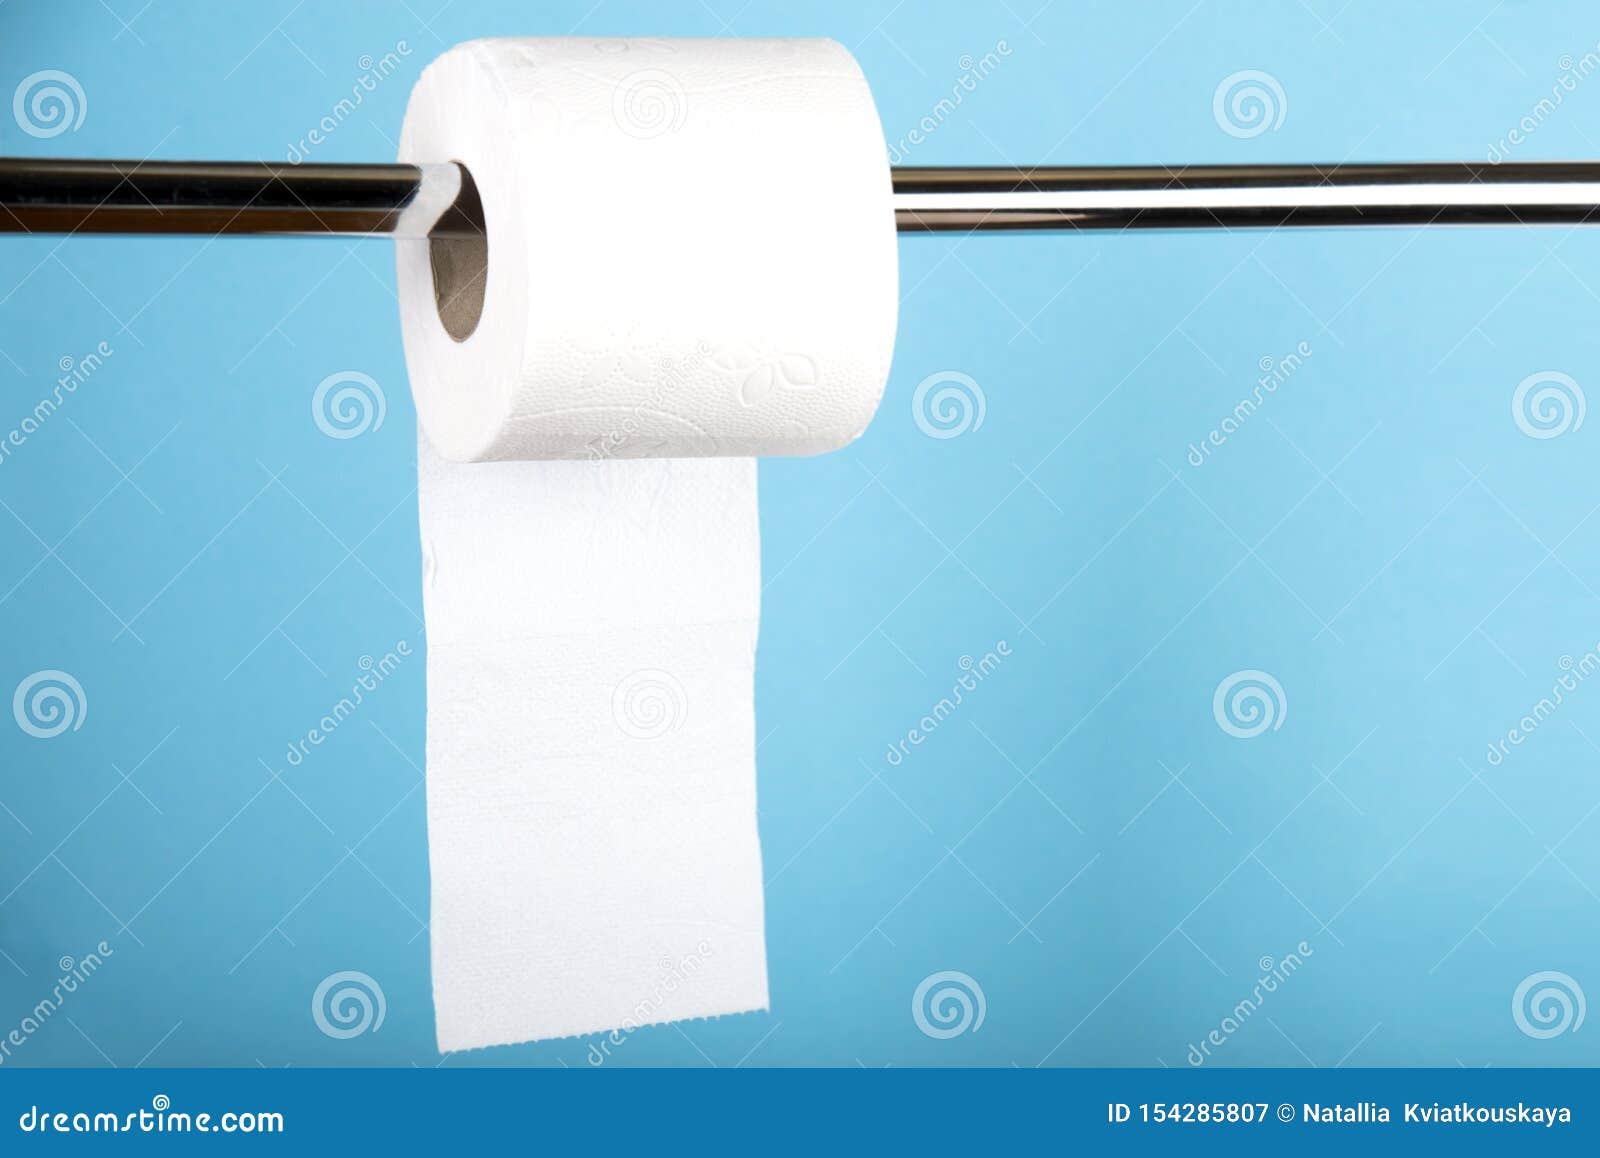 Een broodje van wit toiletpapier op een gekleurde achtergrond